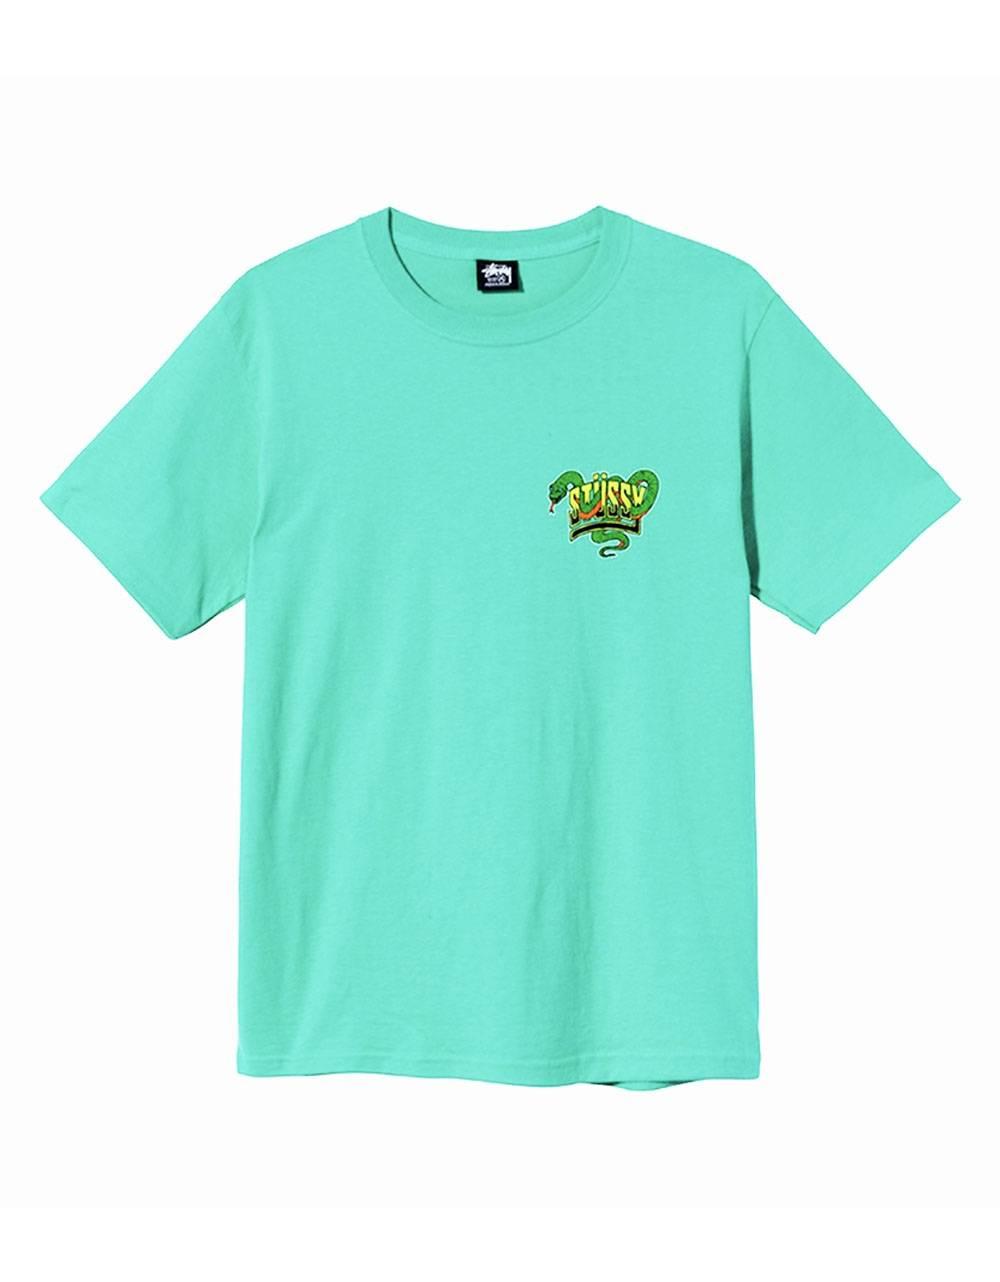 Stussy Snakebite tee - green Stussy T-shirt 55,00€